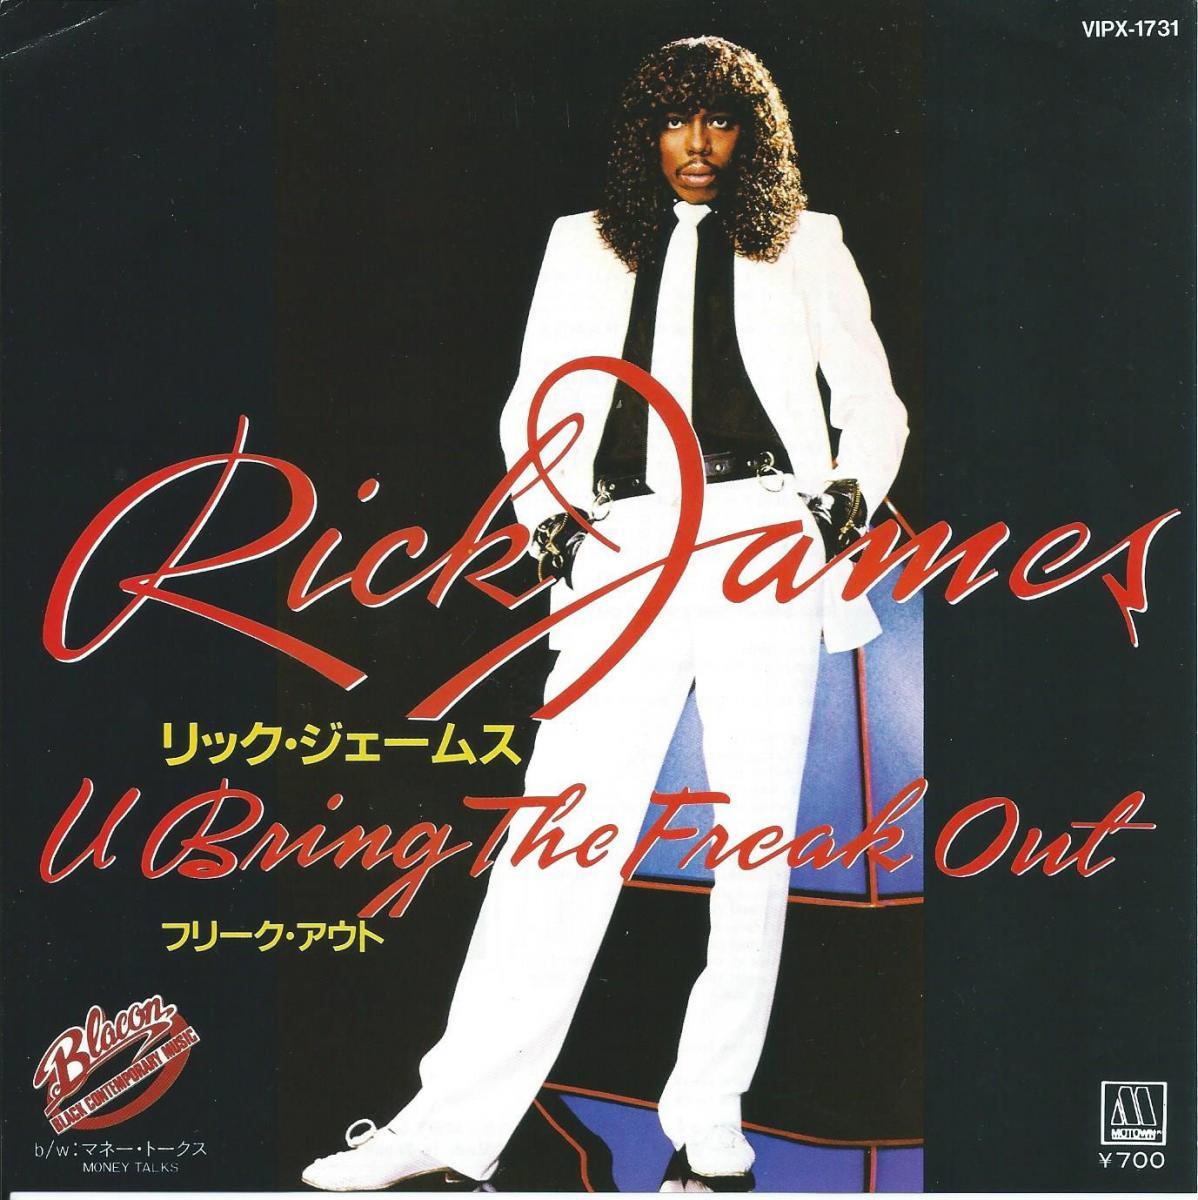 リック・ジェームス RICK JAMES / フリーク・アウト U BRING THE FREAK OUT (7